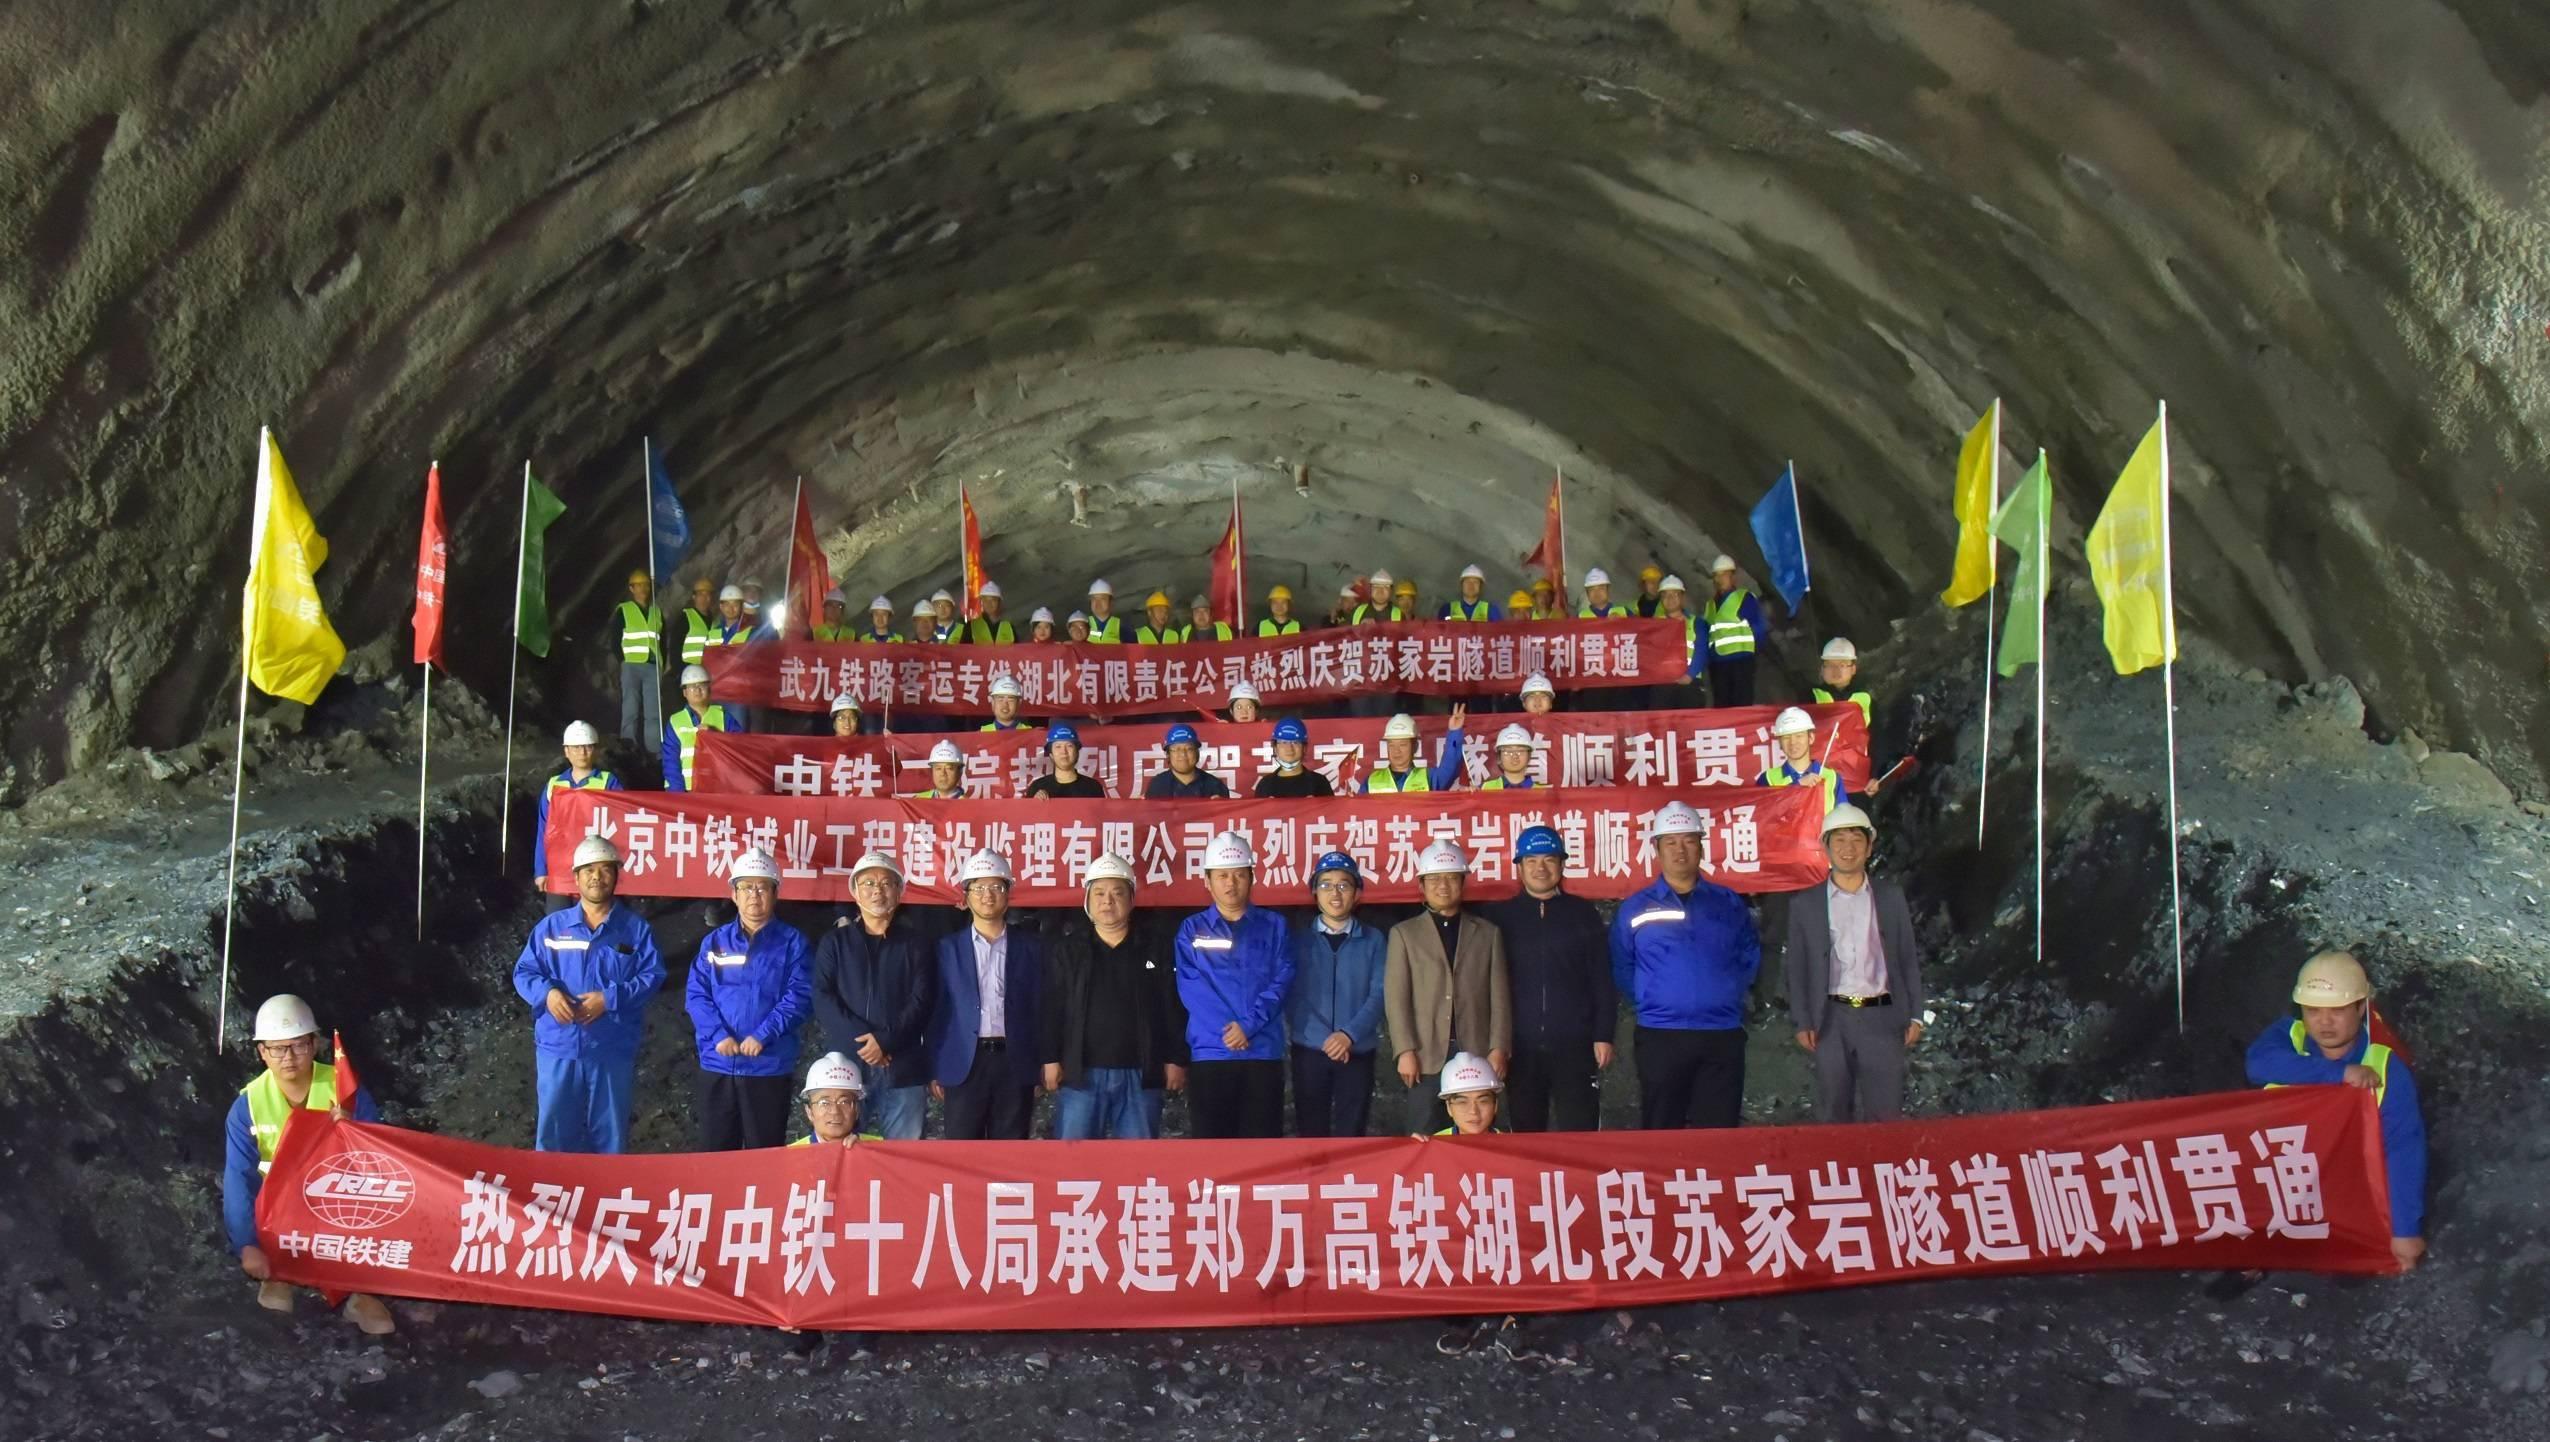 郑万高铁湖北段建设获重大进展,2022年通车,郑州6小时到重庆